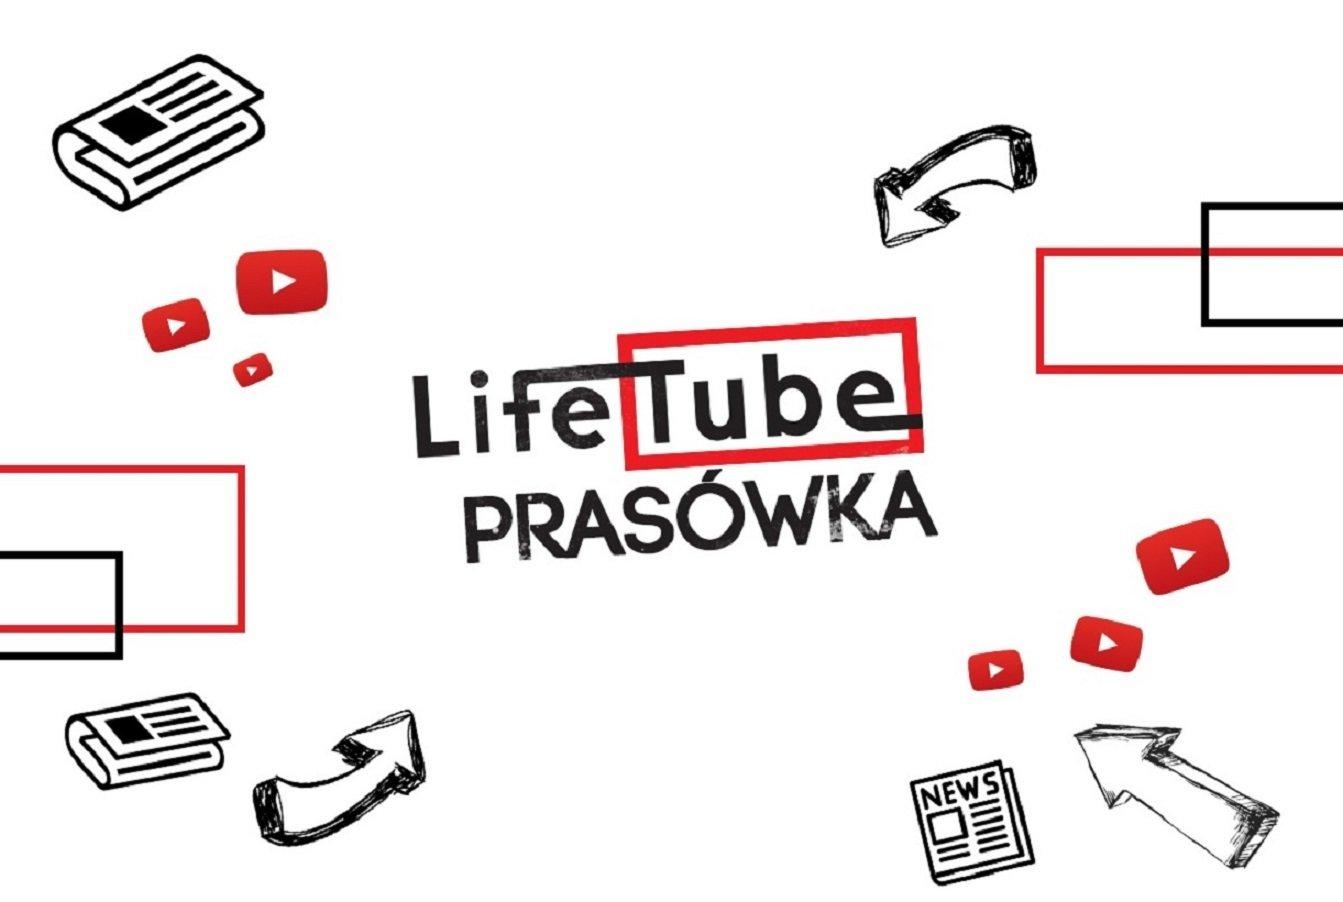 YouTube wprowadza kolejne zmiany dla kont artystów, a polska publiczność e-sportu wzrośnie o 29 proc. Zobacz wyjątkową kampanię z segmentu beauty!